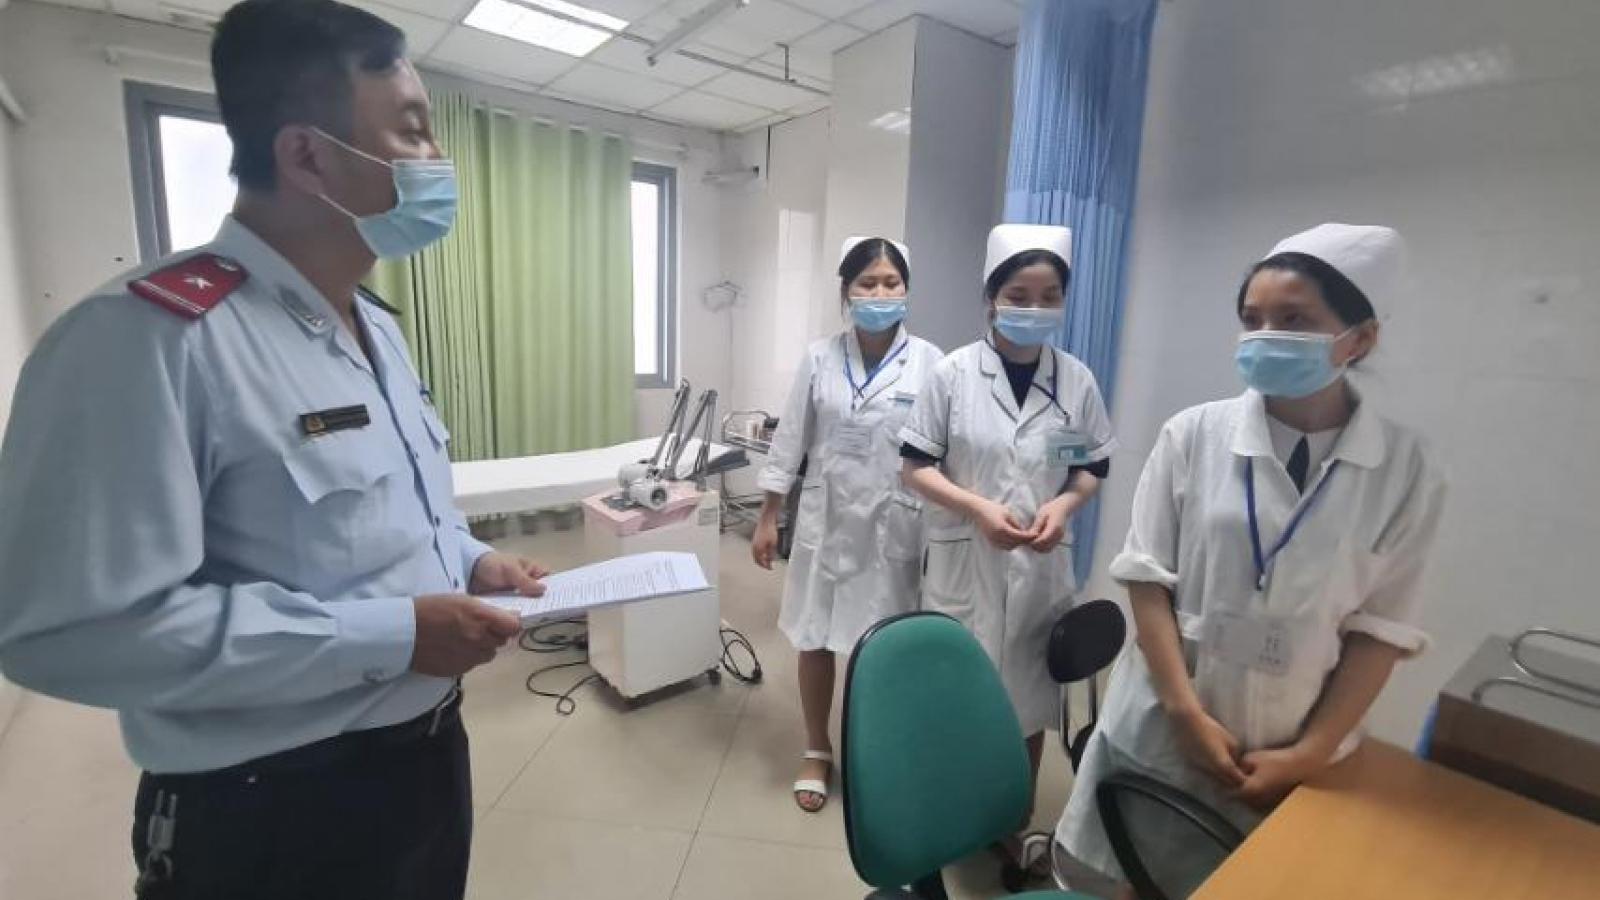 Hà Nội thu hồi giấy phép 1 phòng khám vi phạm về chống dịch COVID-19